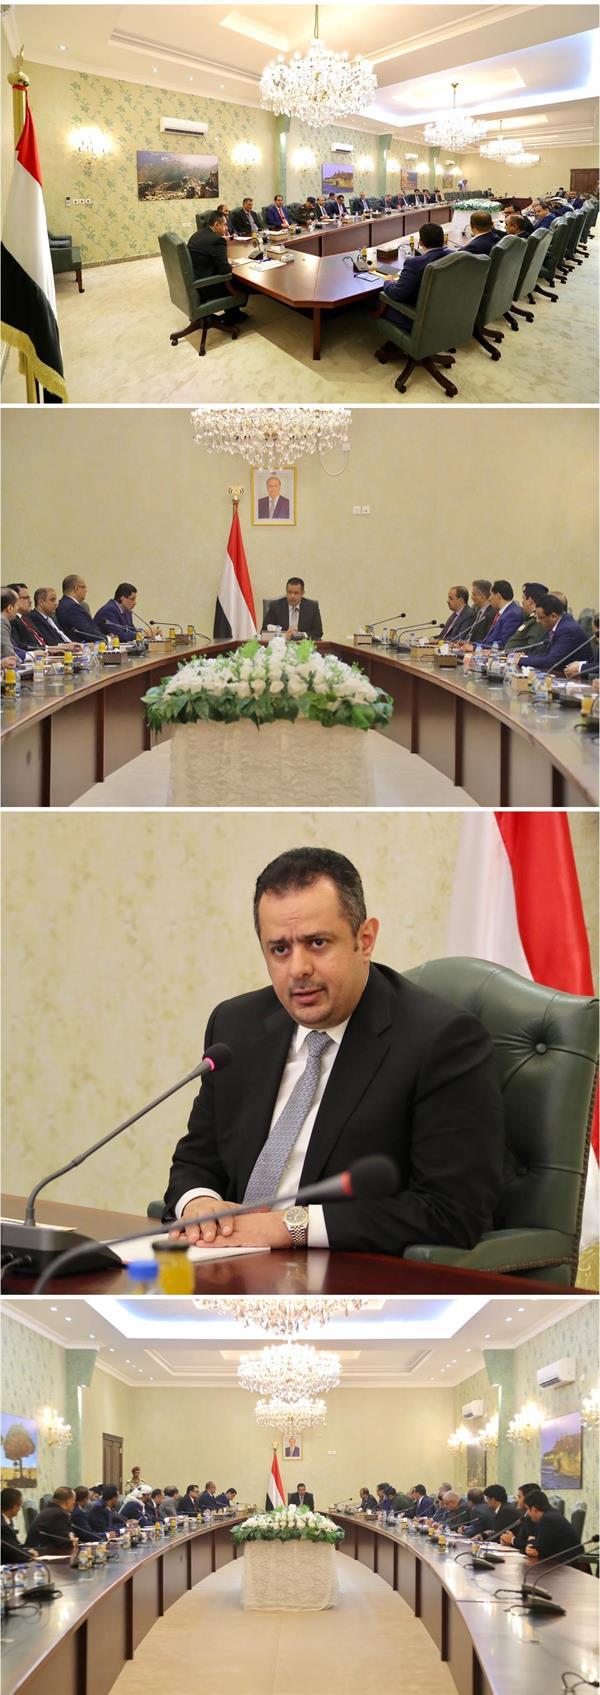 الحكومة اليمنية الجديدة تعقد اجتماعها الأول في عدن